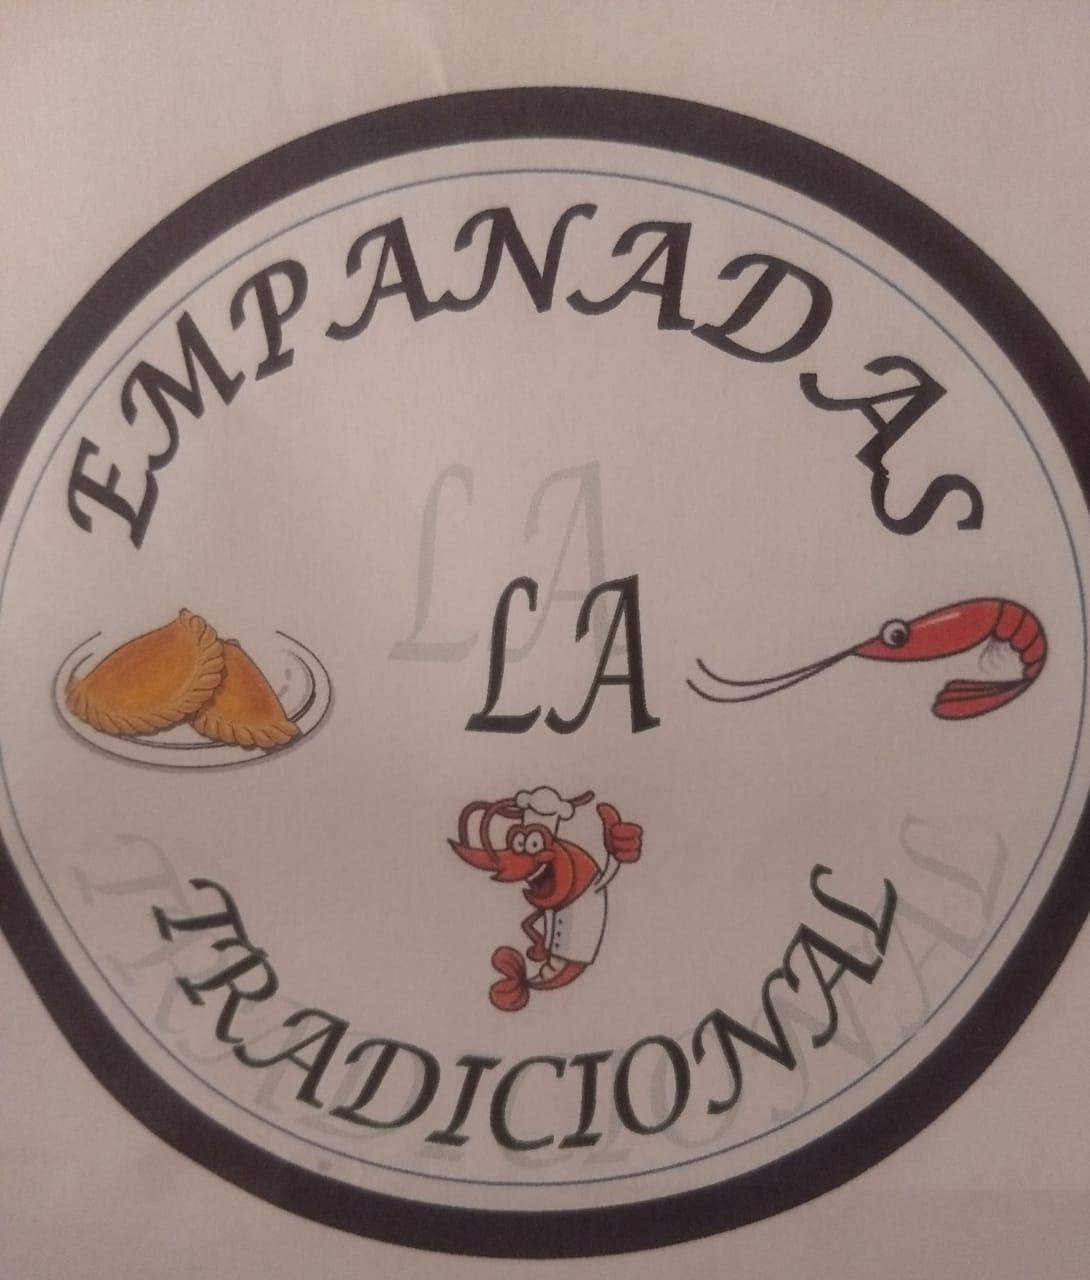 Empanadas La Tradicional